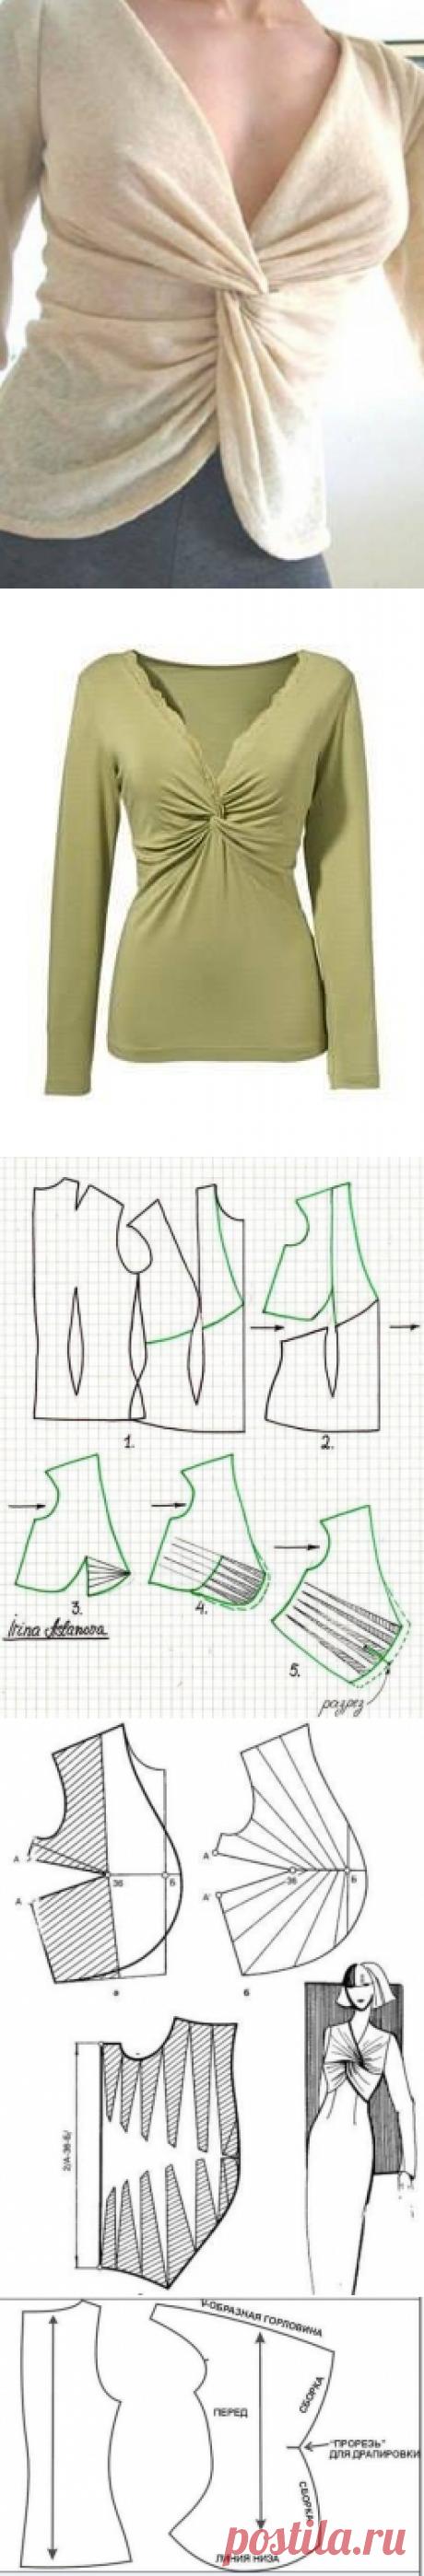 """Моделирование элемента """"узел"""": схемы — Сделай сам, идеи для творчества - DIY Ideas"""